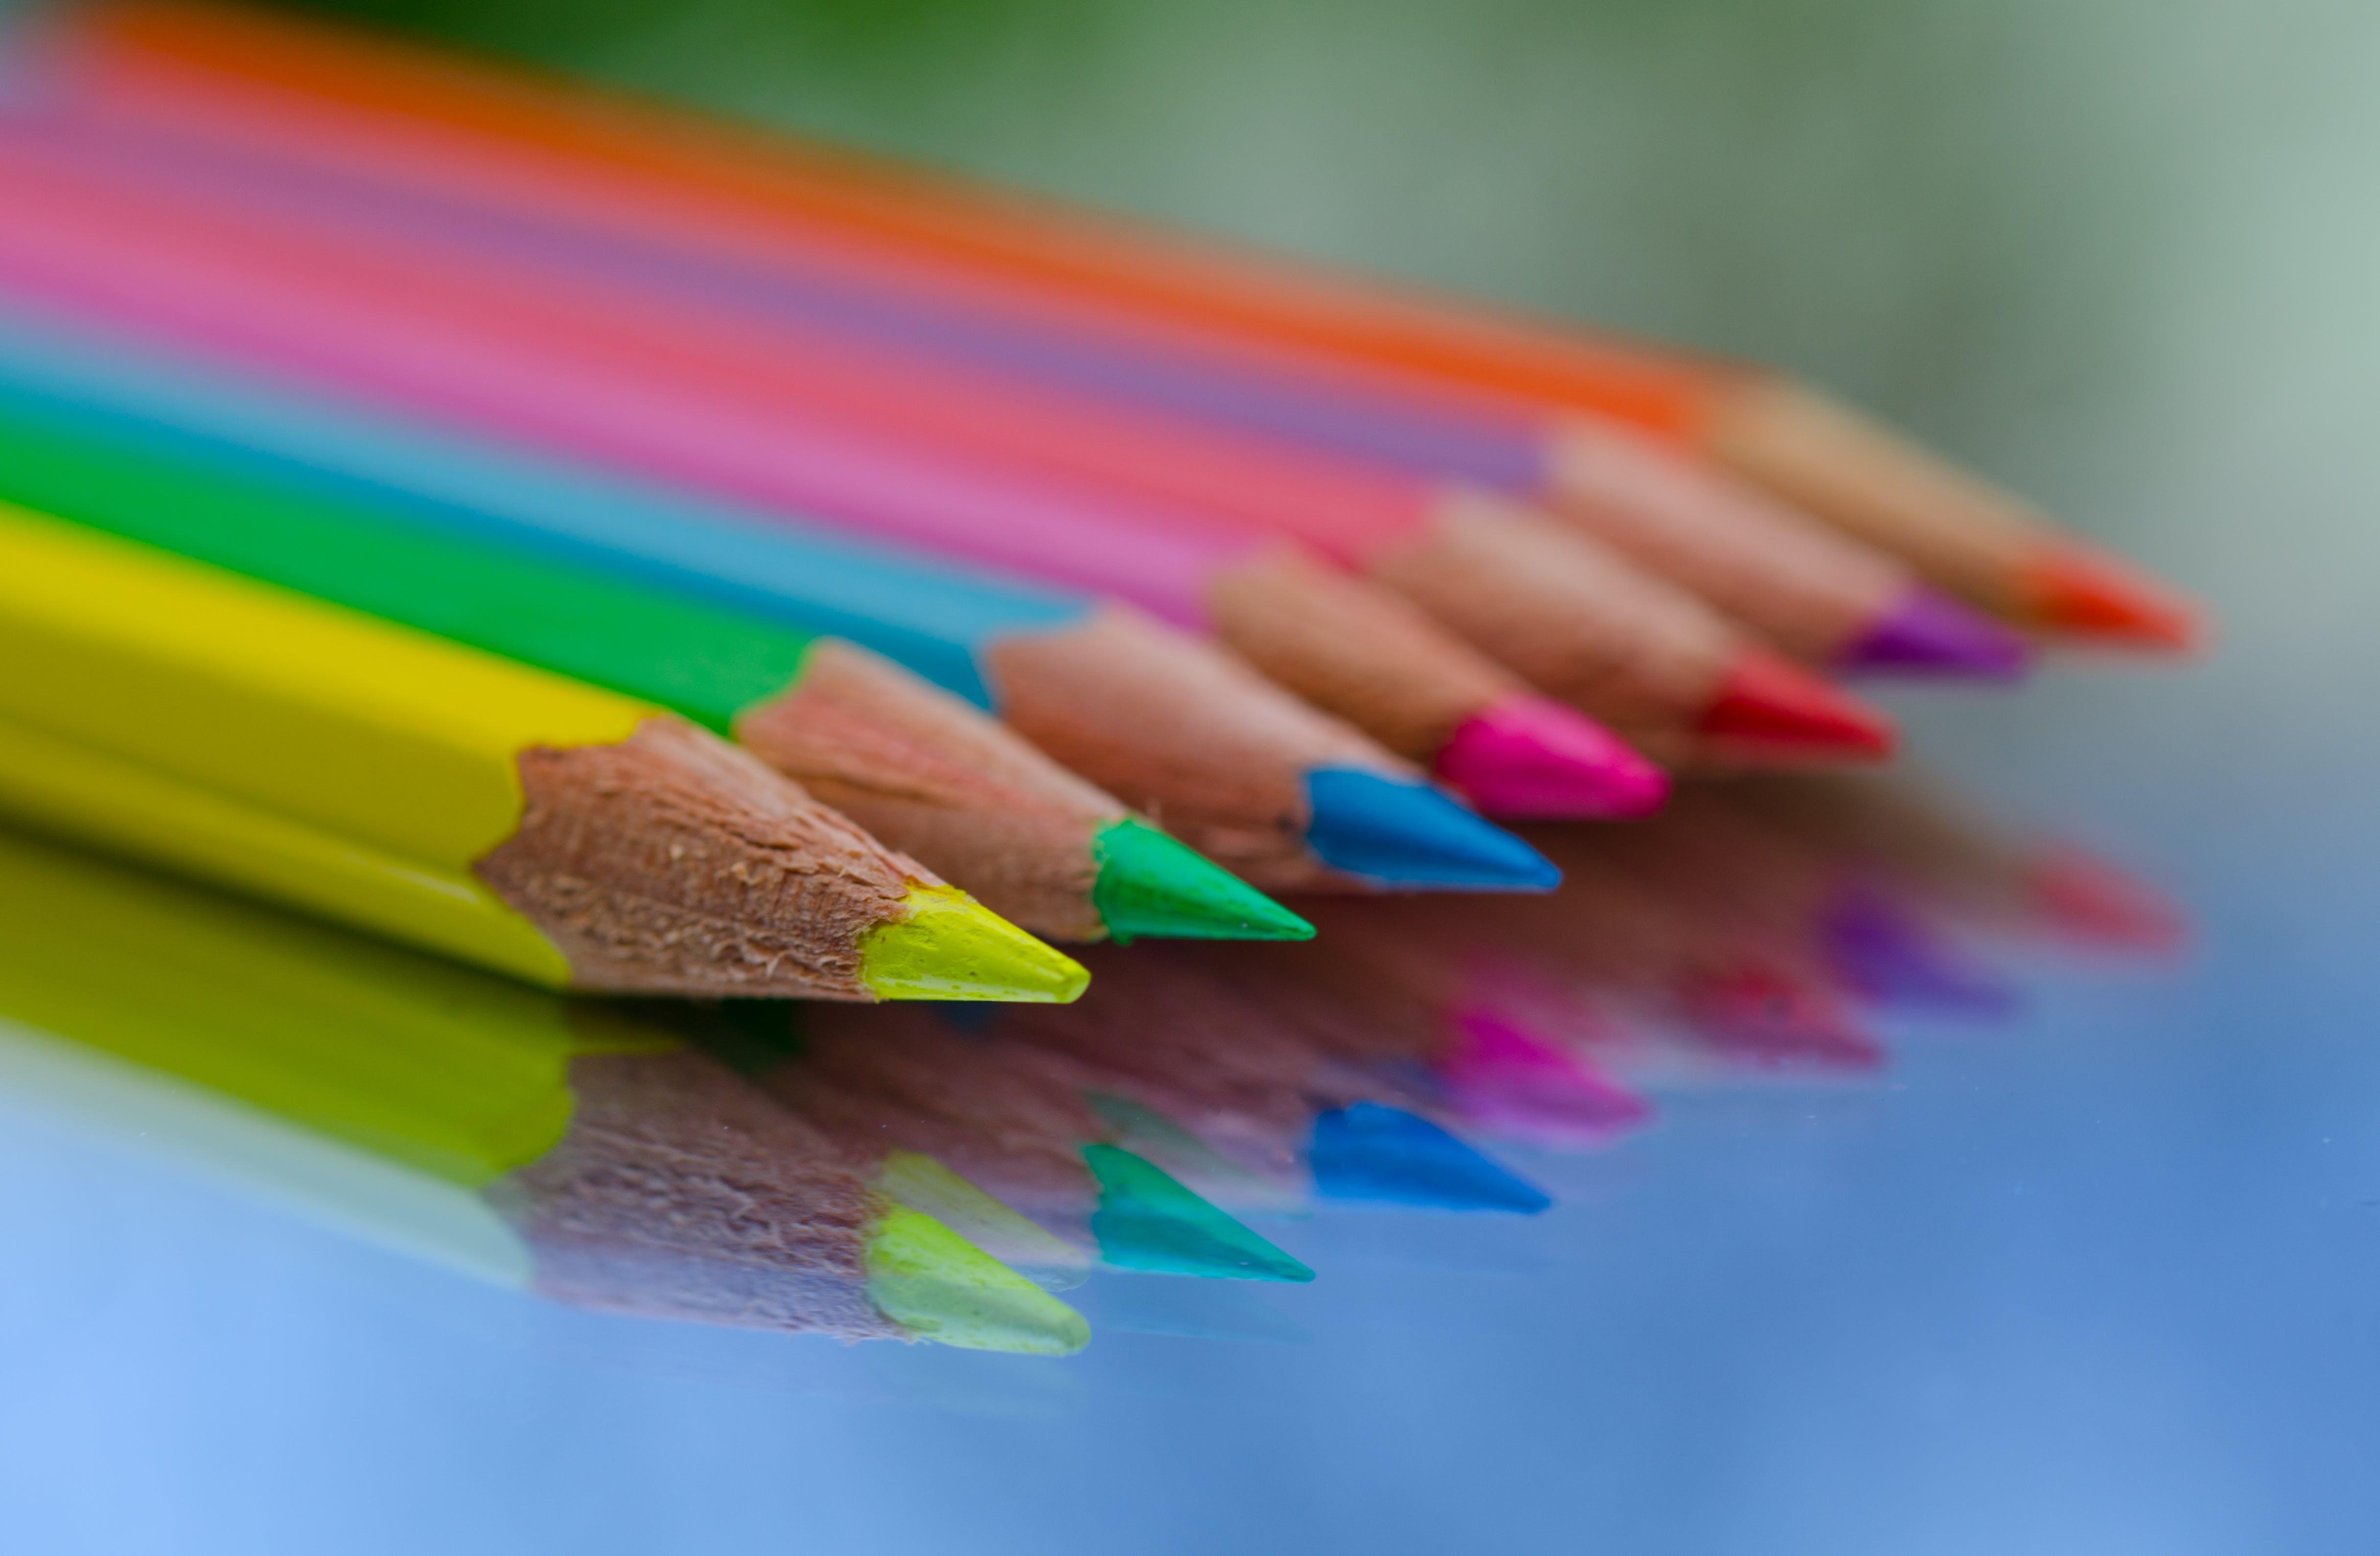 Kostenloses Stock Foto zu bunt, buntstift, buntstifte, design